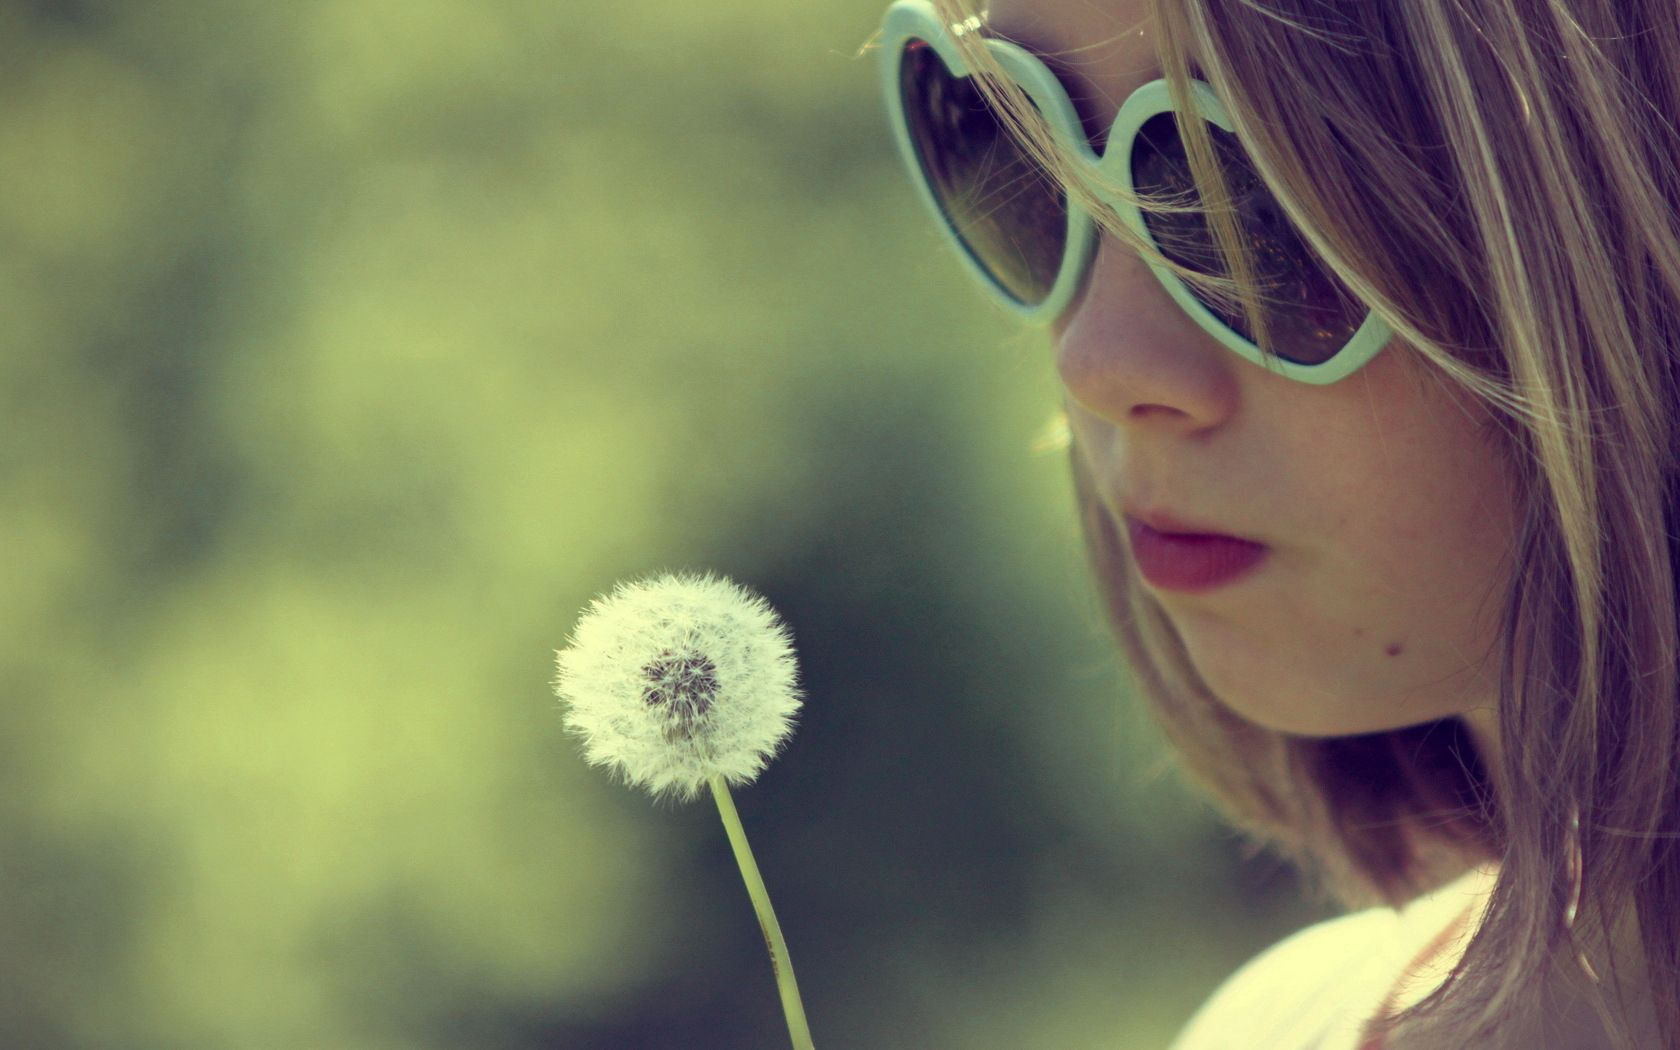 107789 скачать обои Разное, Девочка, Лицо, Солнцезащитные Очки, Одуванчик - заставки и картинки бесплатно